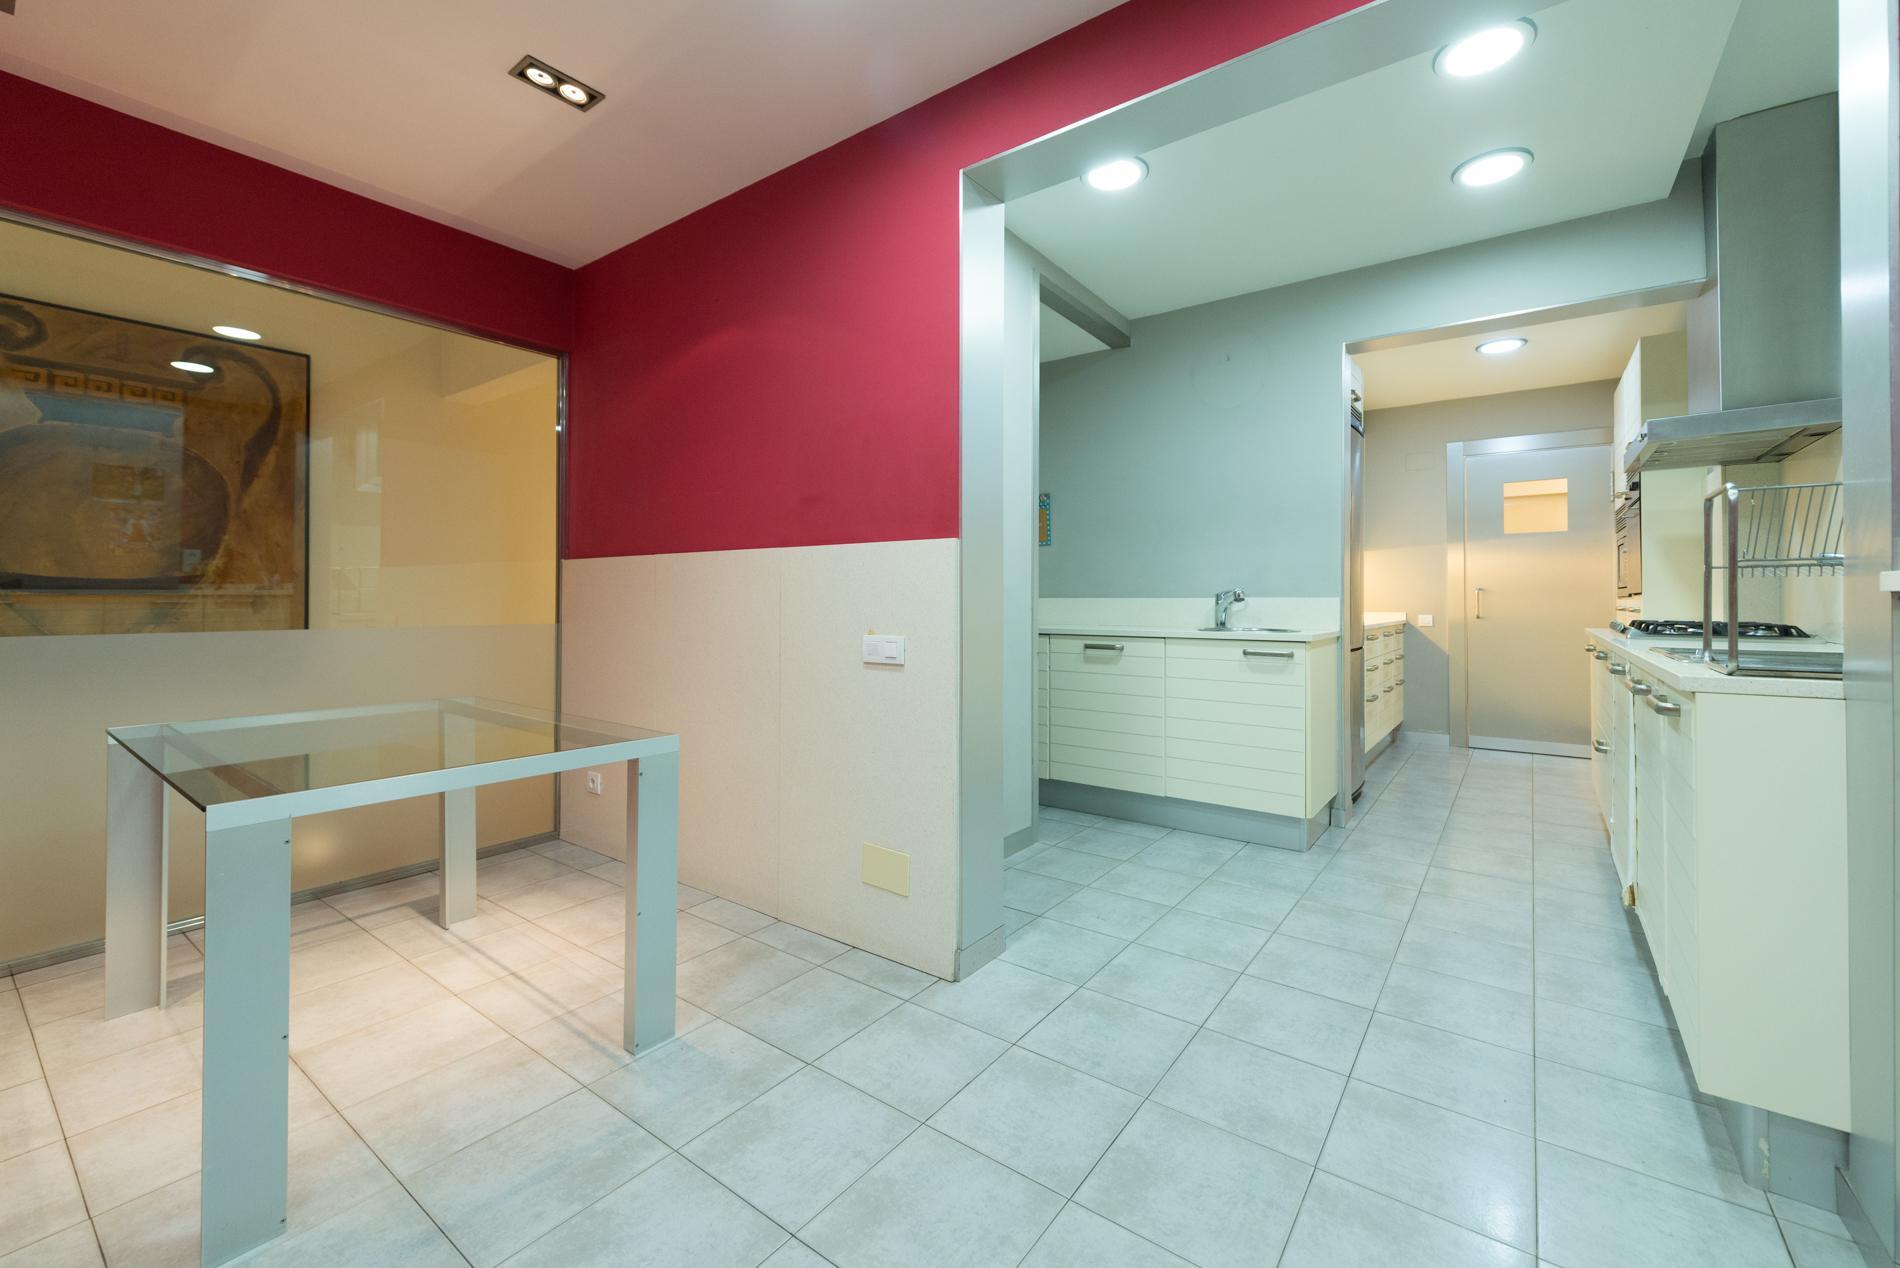 247761 Ground Floor for sale in Sarrià-Sant Gervasi, St. Gervasi-Bonanova 33